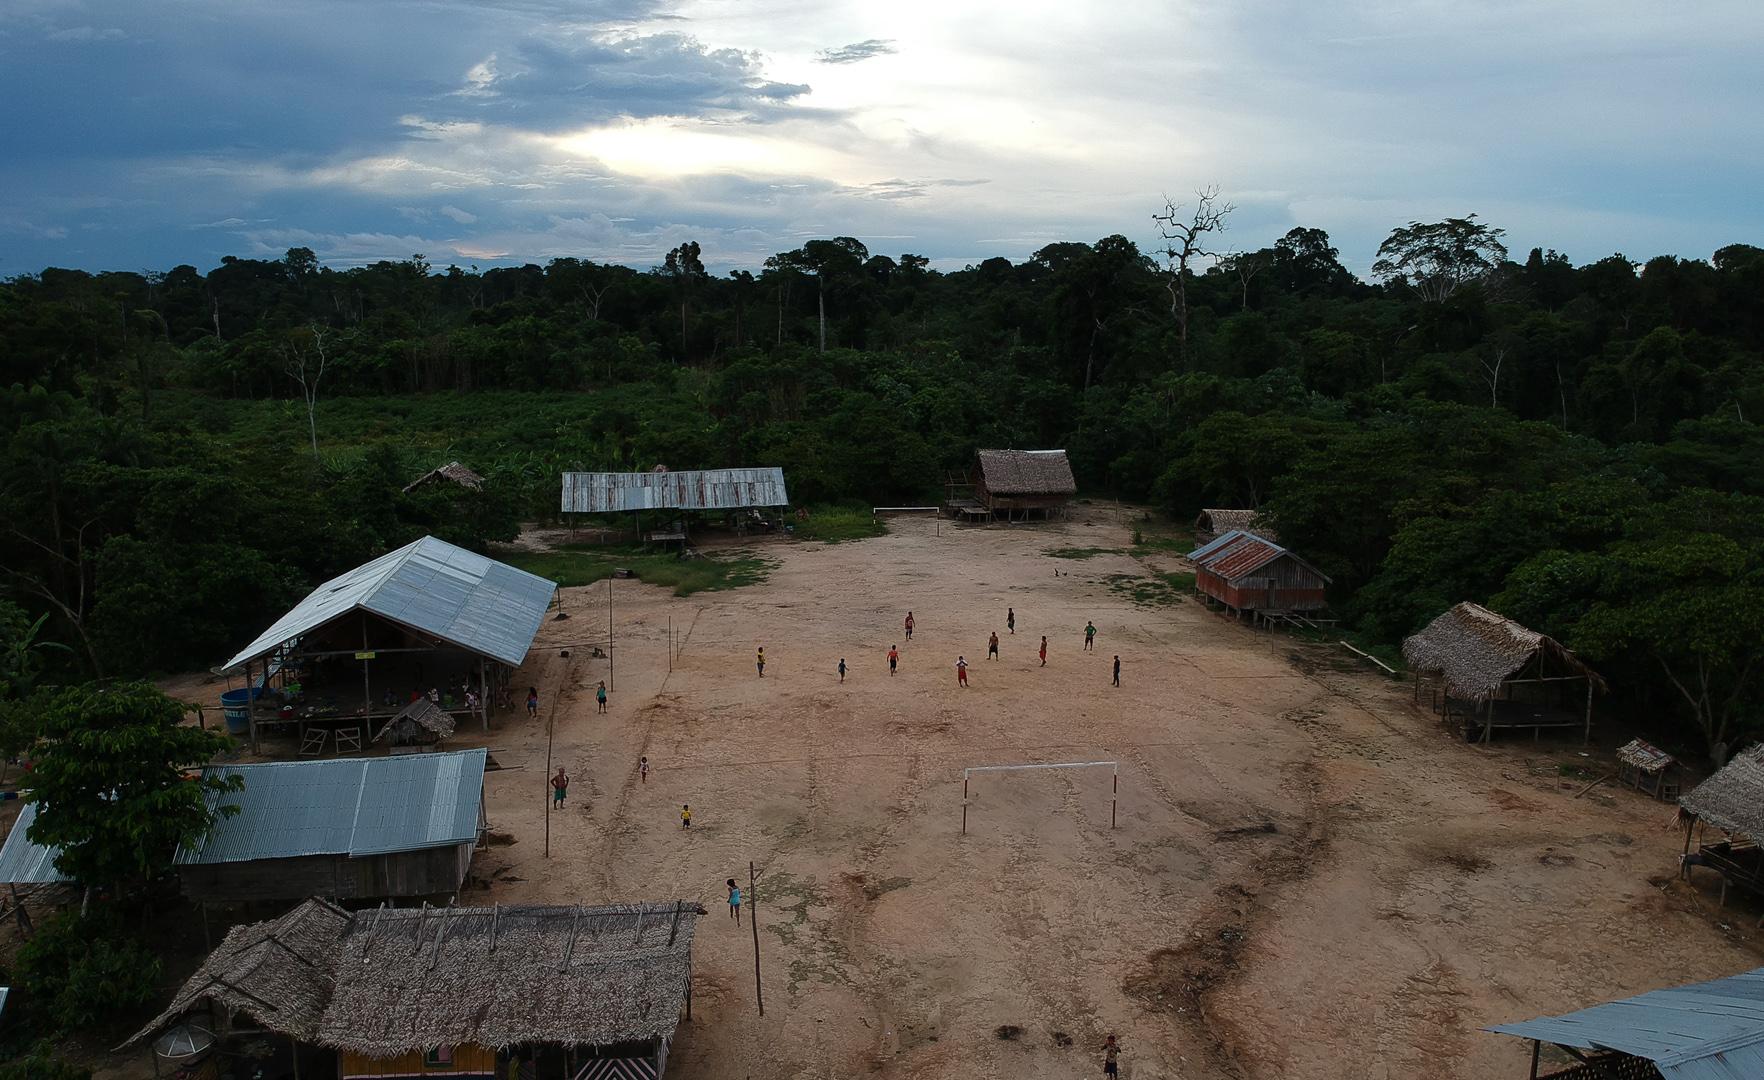 Justiça Federal determina que governo Bolsonaro preste segurança às bases do Vale do Javari, no Amazonas